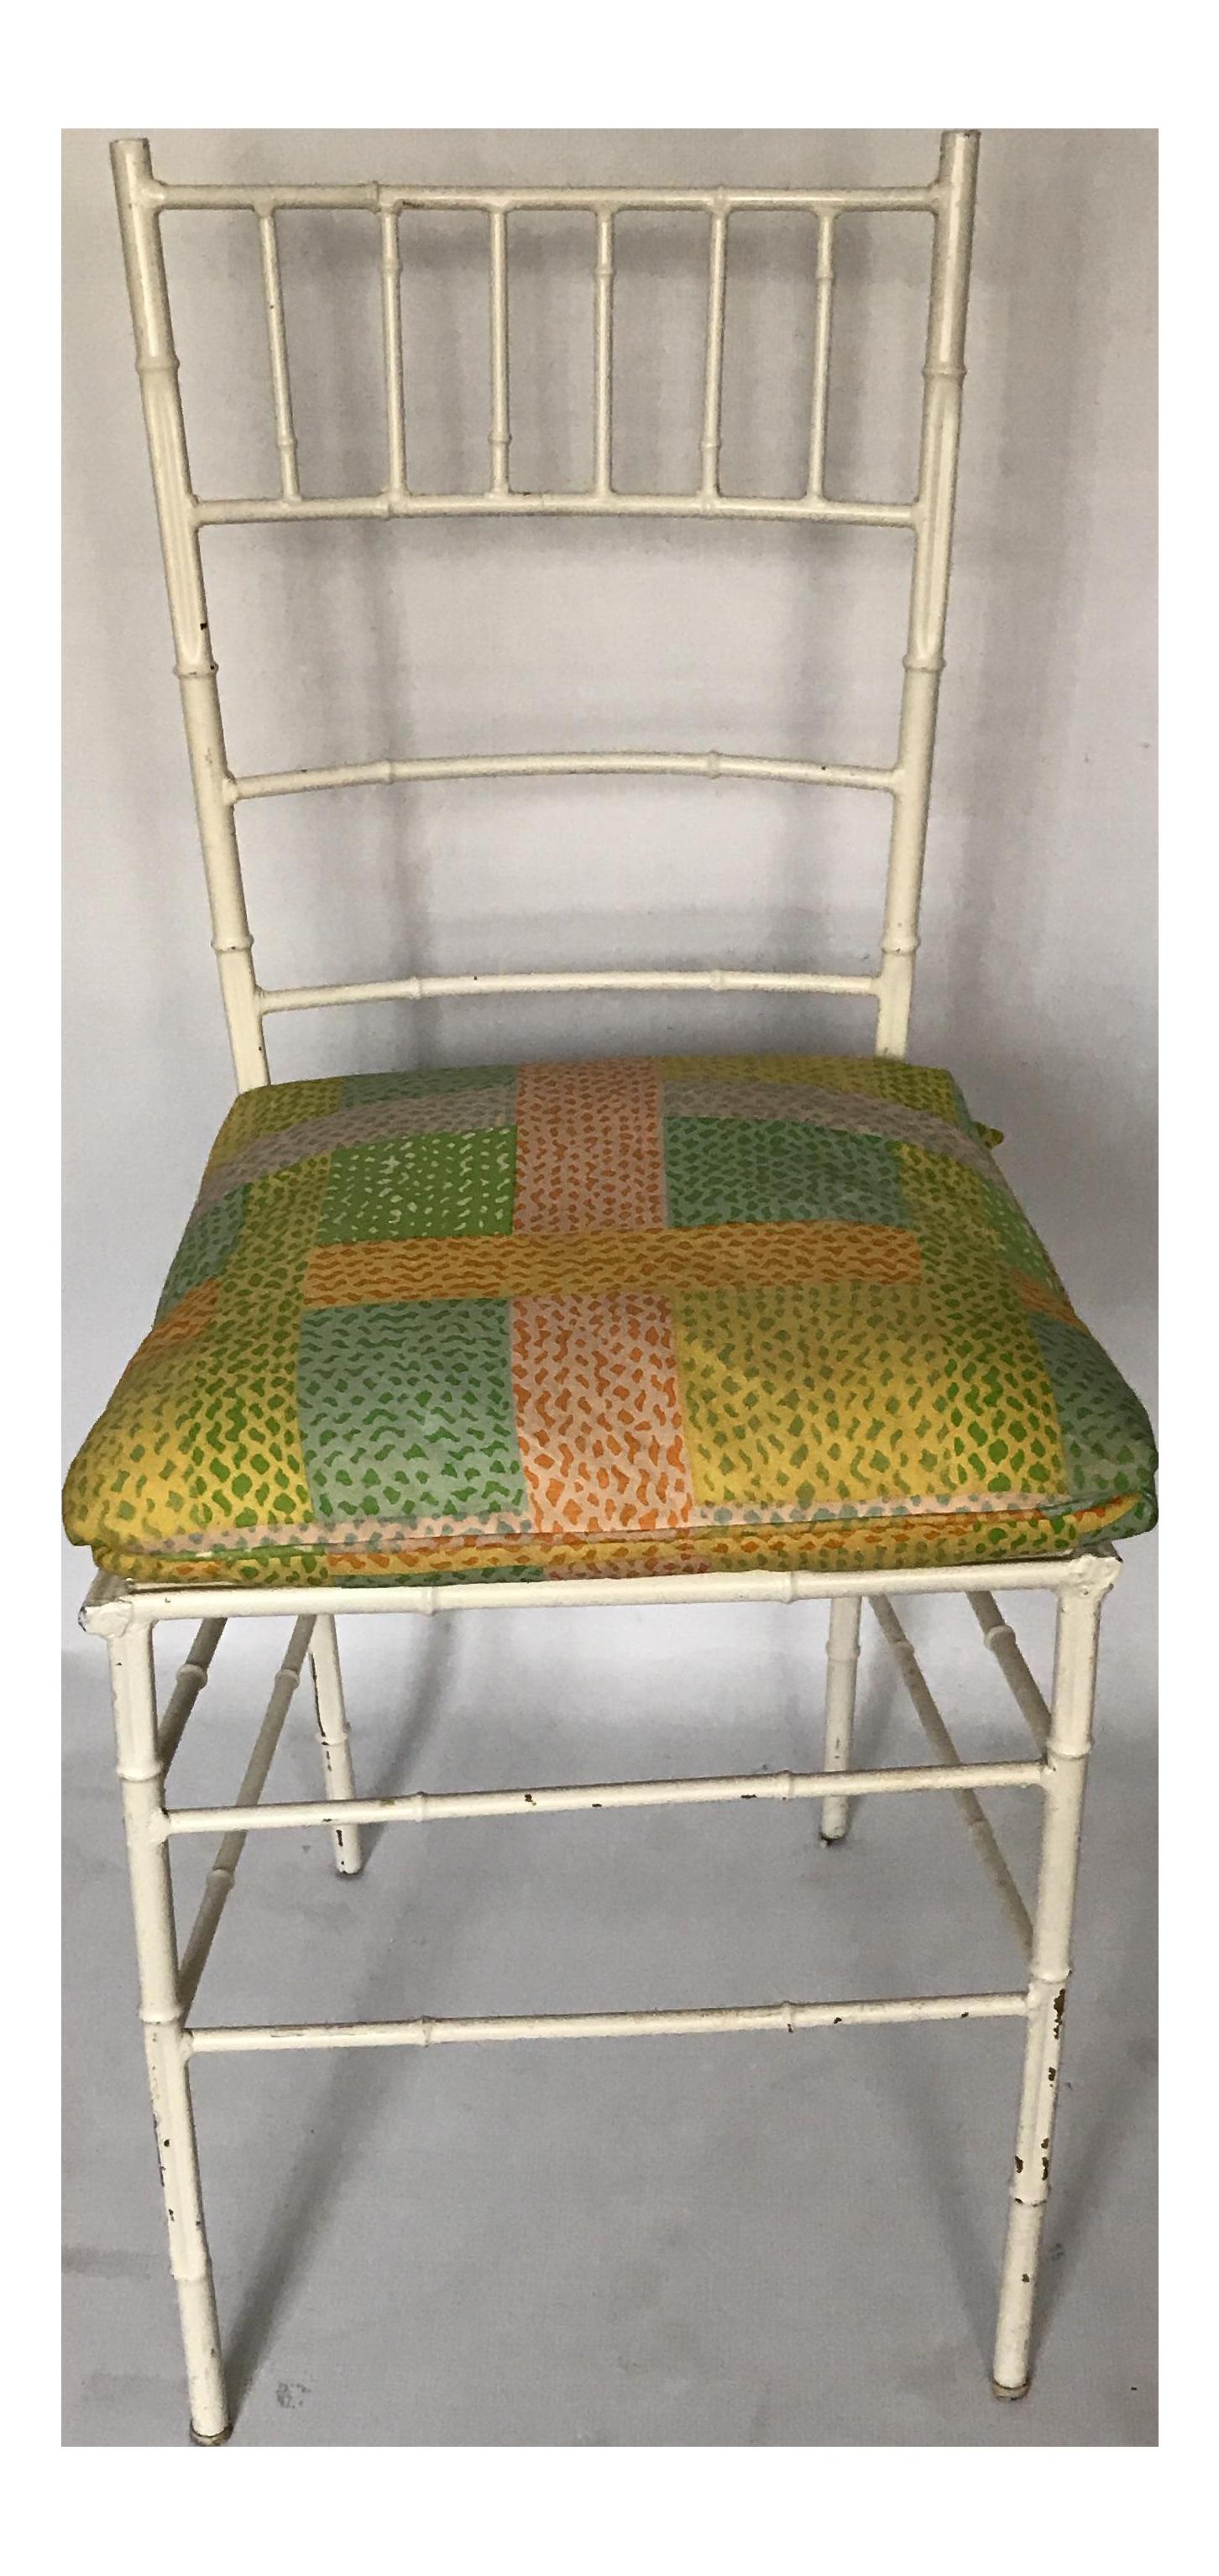 Vintage Faux Bamboo Metal Chiavari Chair - Image 1 of 11  sc 1 st  Chairish & Vintage Faux Bamboo Metal Chiavari Chair | Chairish